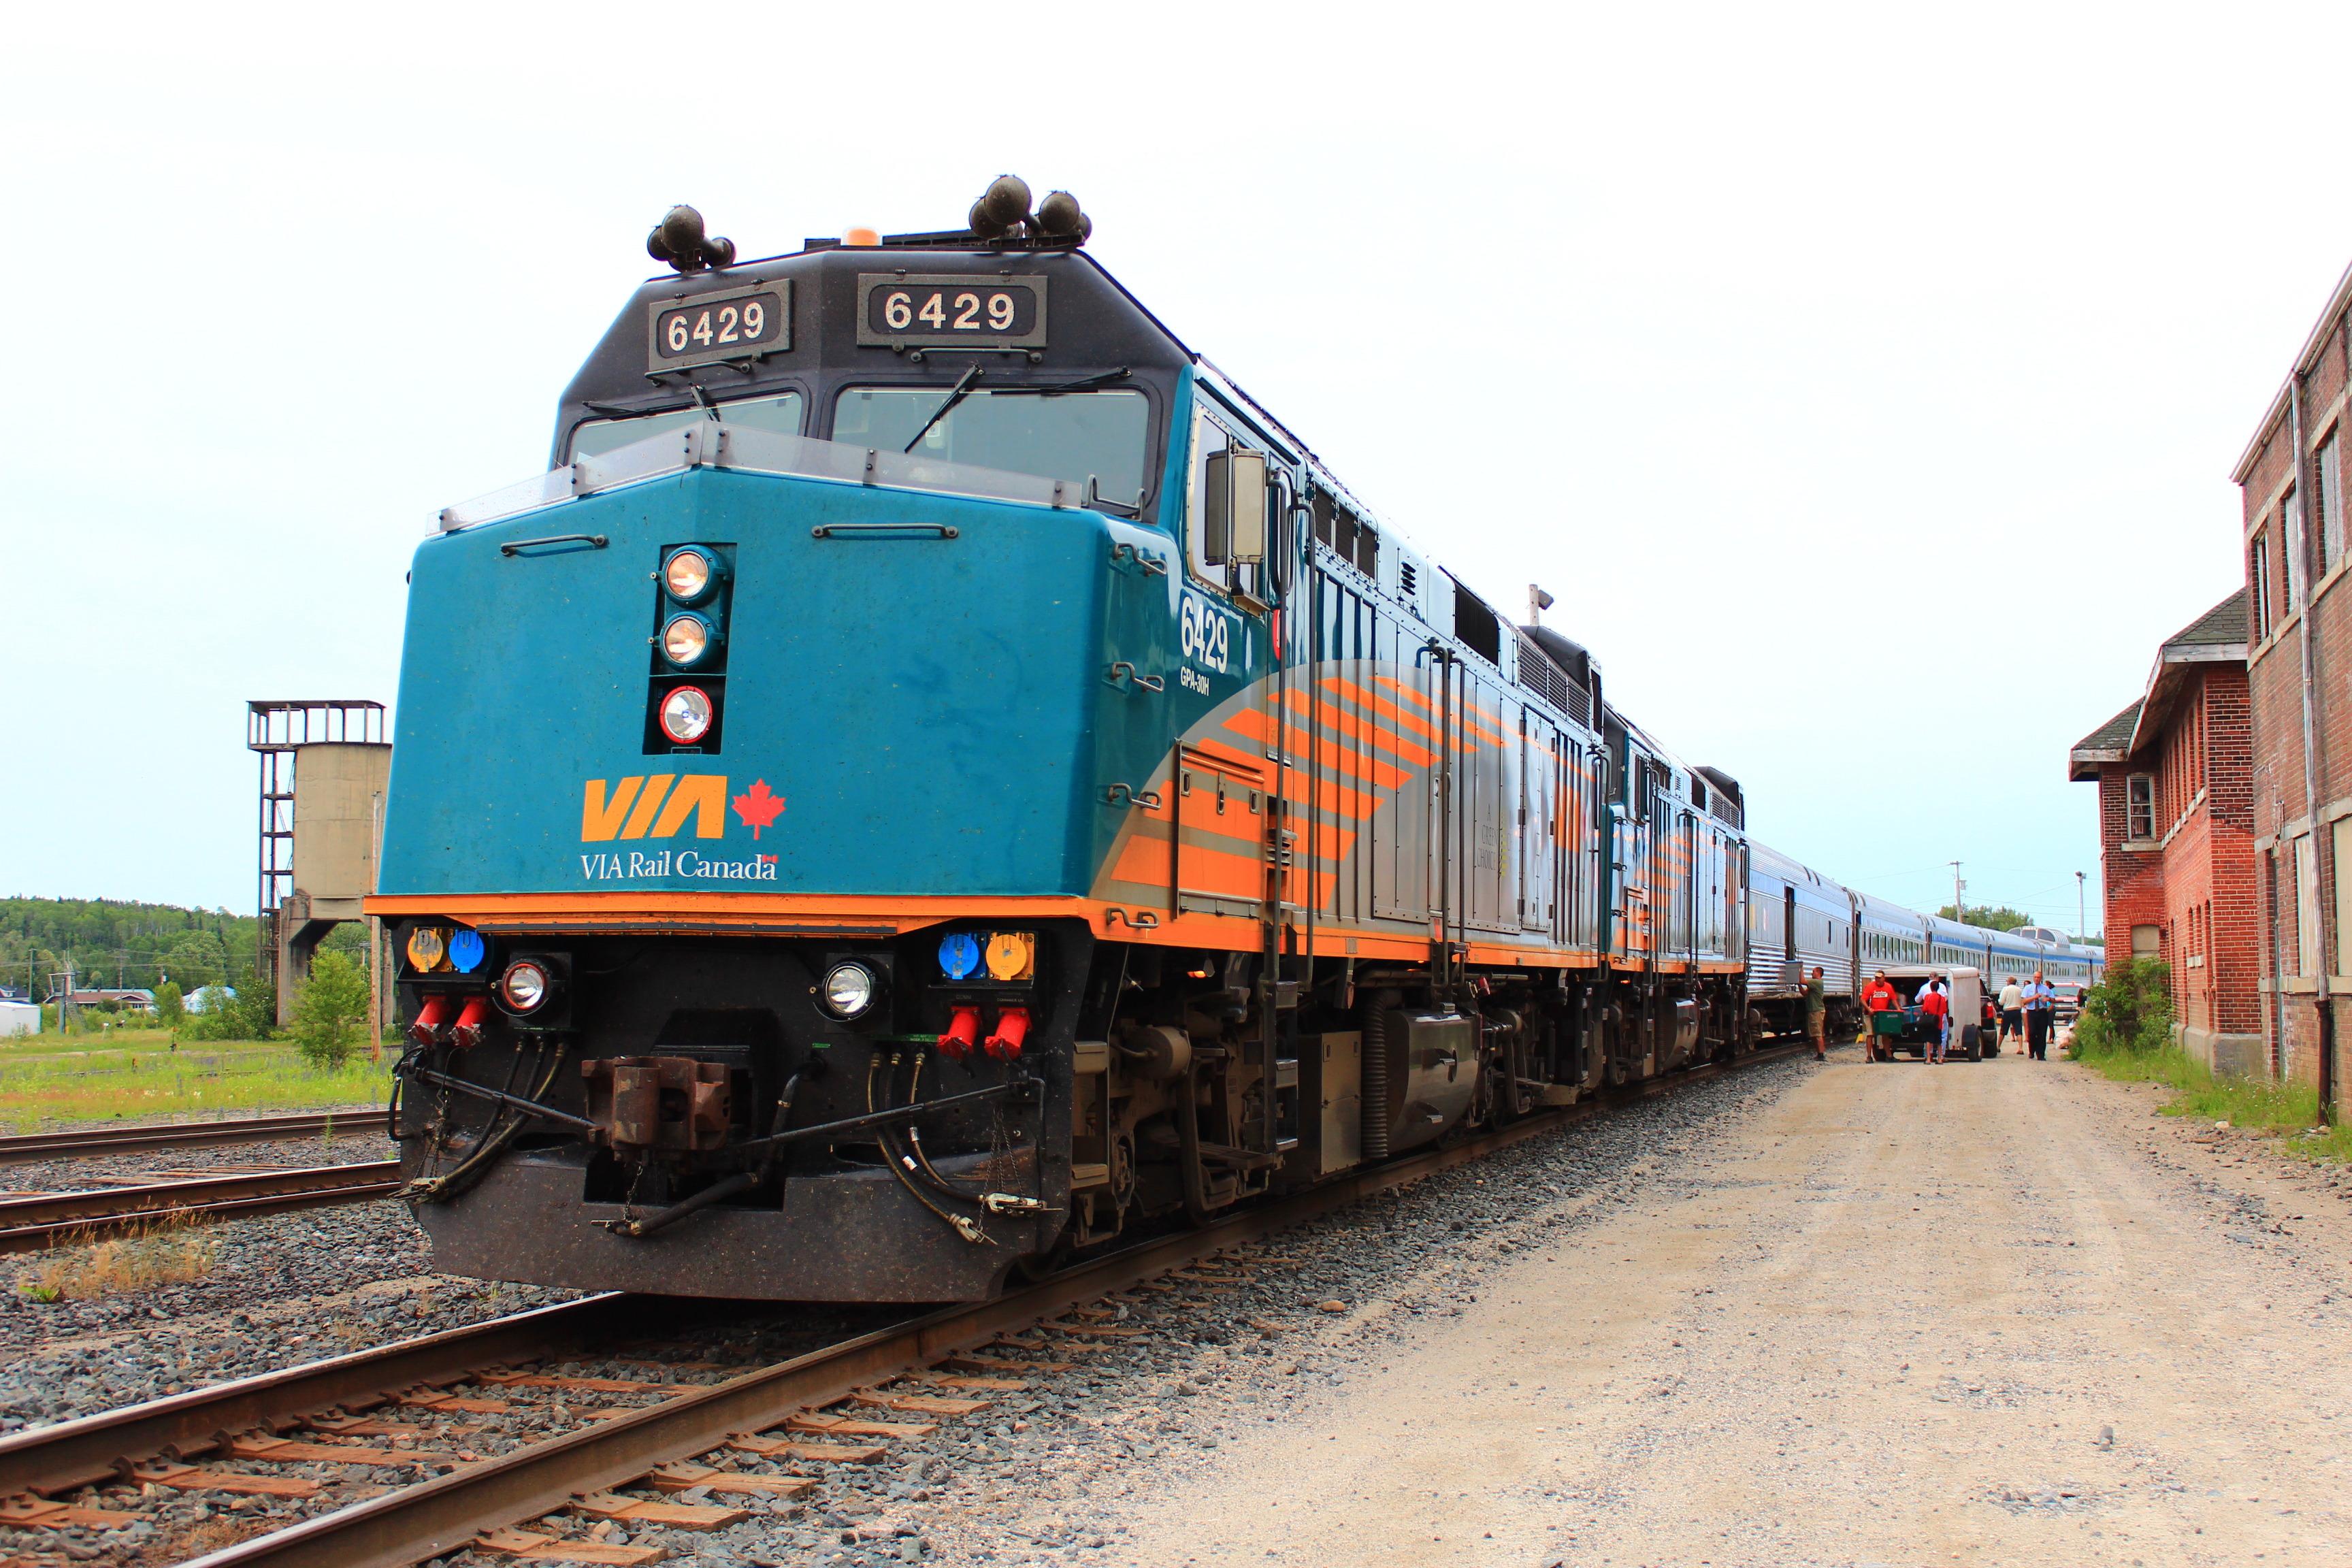 【夏季】大陸横断!VIA鉄道カナディアン号 バンクーバーからトロントへ 4泊5日列車の旅!